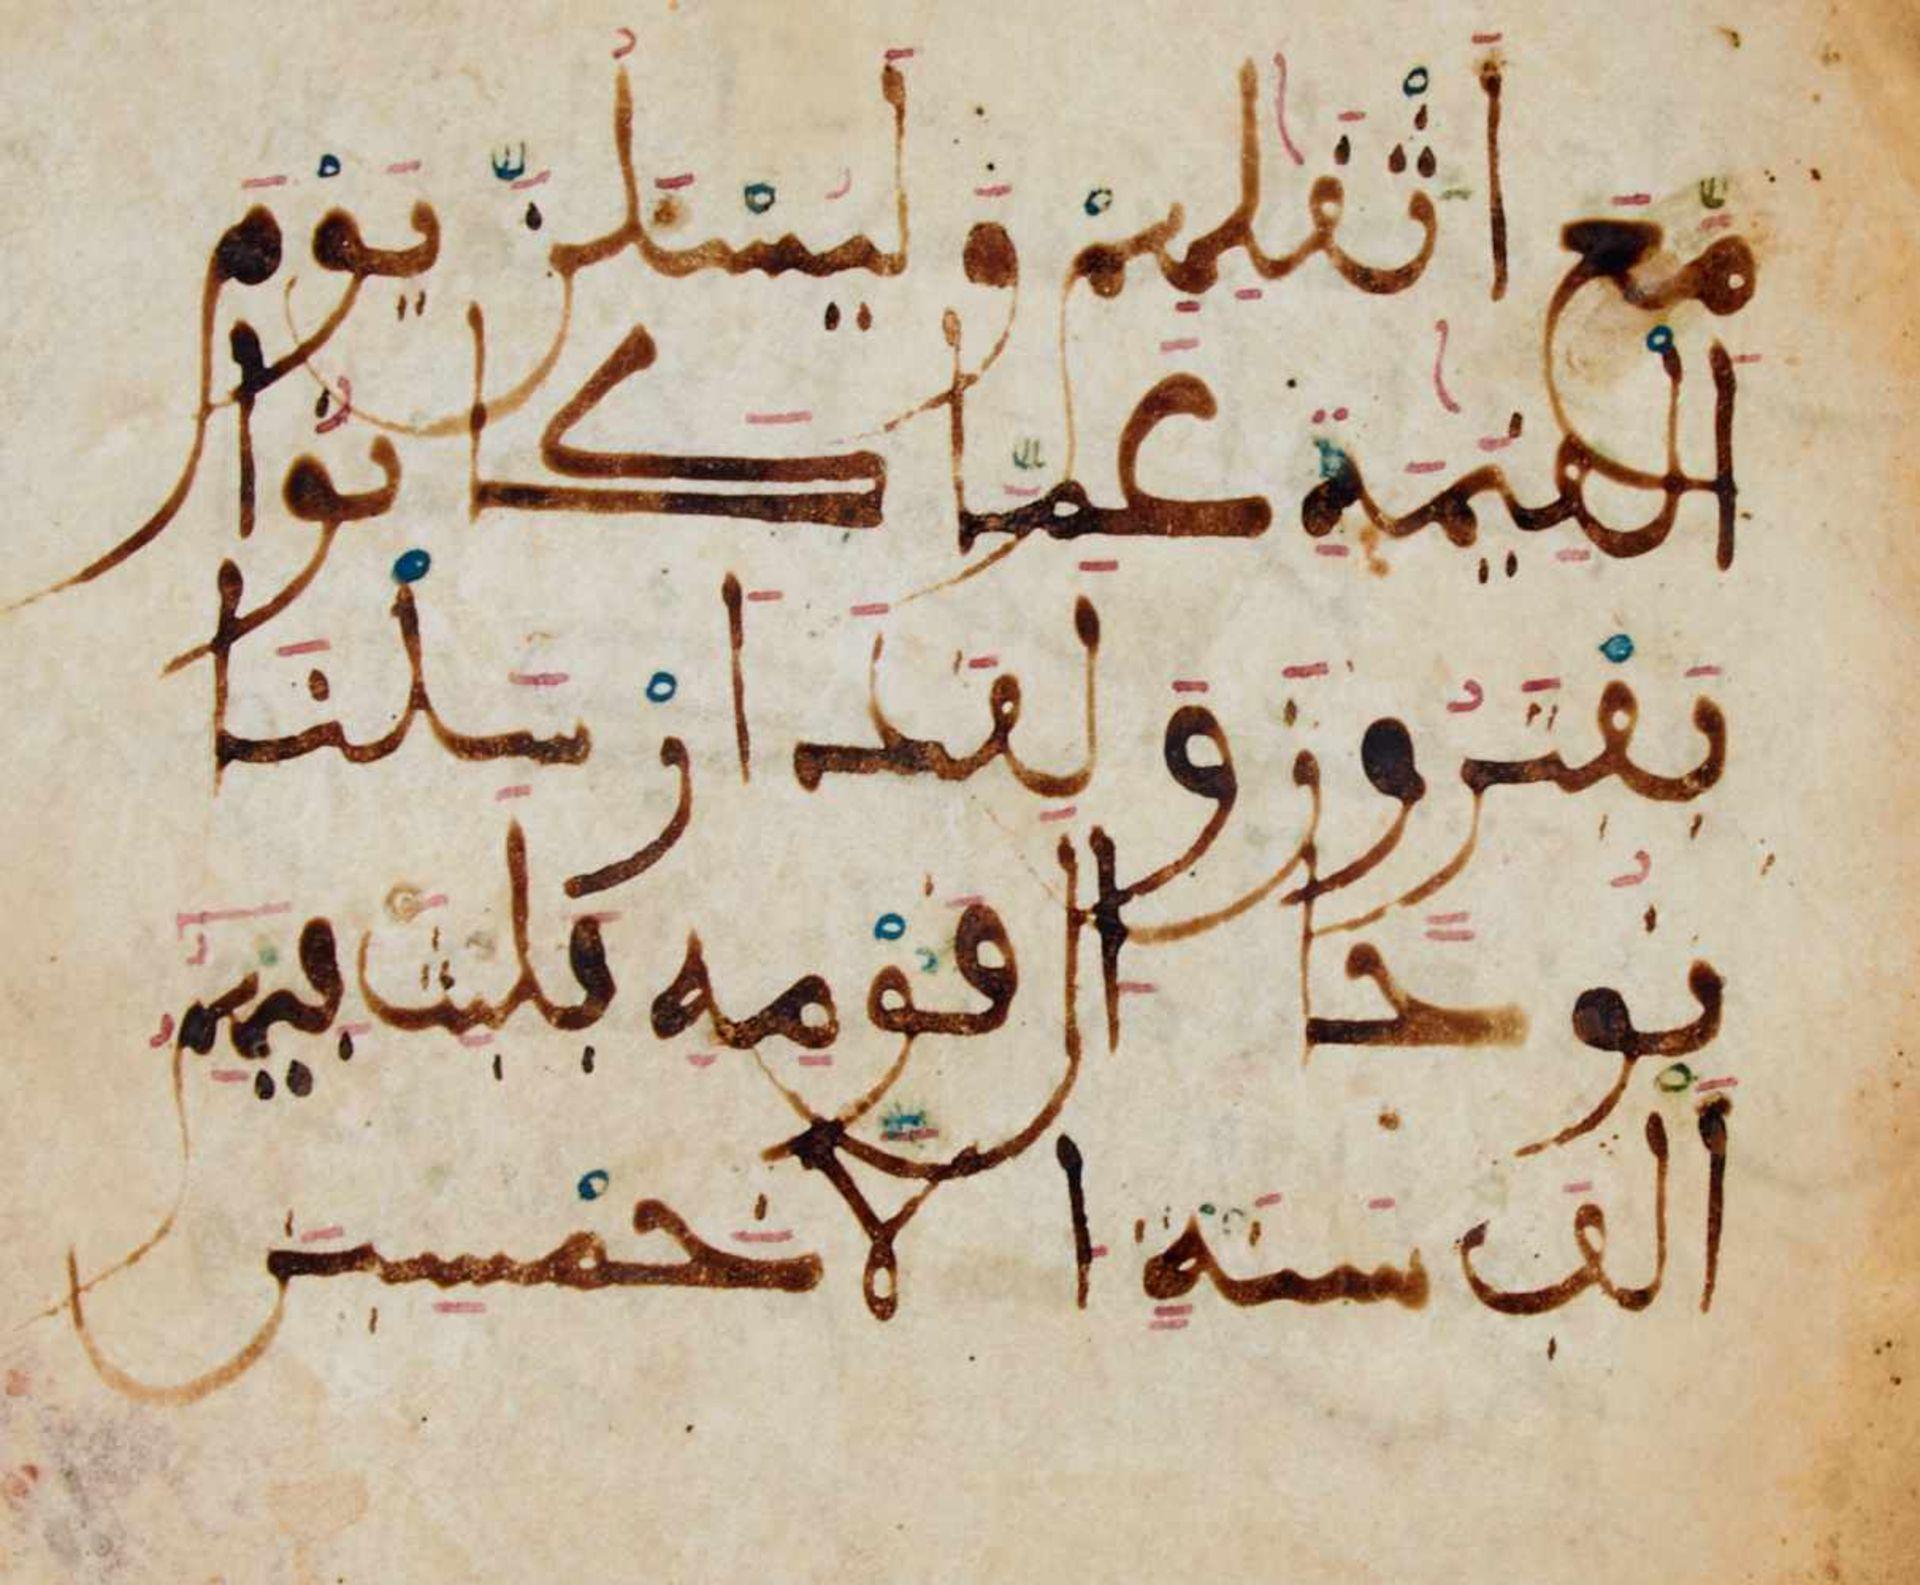 Koran - Zwei Blätter mit Texten aus dem Koranaus einer maghrebinischen Handschrift auf Pergament. - Bild 2 aus 4